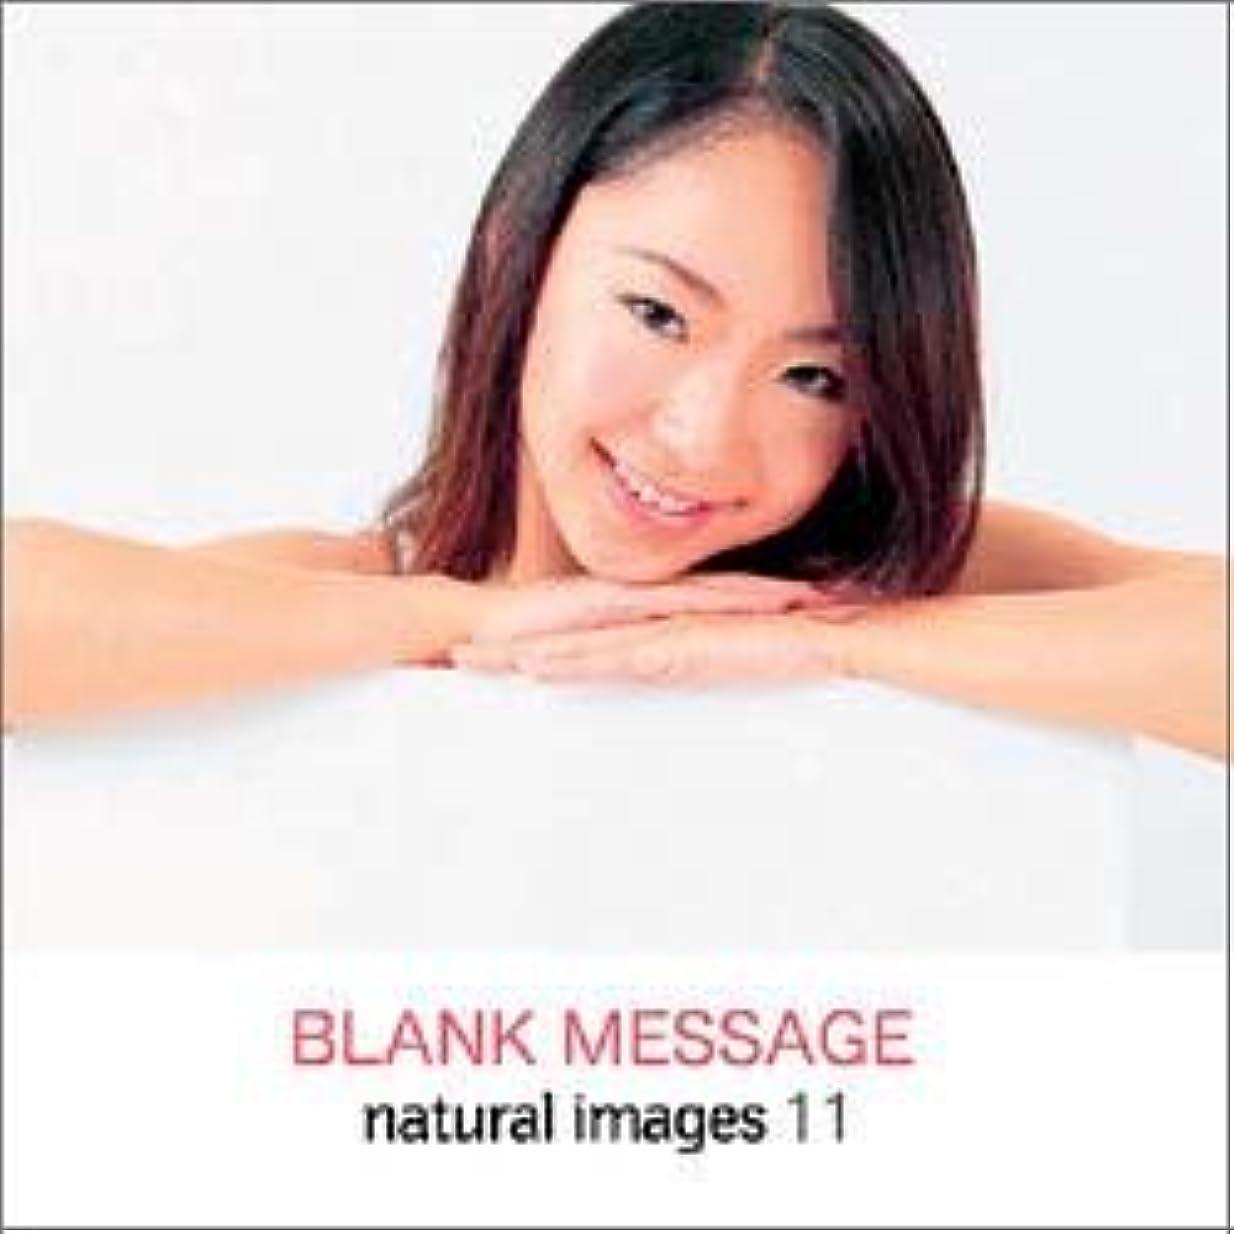 散らす換気コミットnatural images Vol.11 BLANK MESSAGE